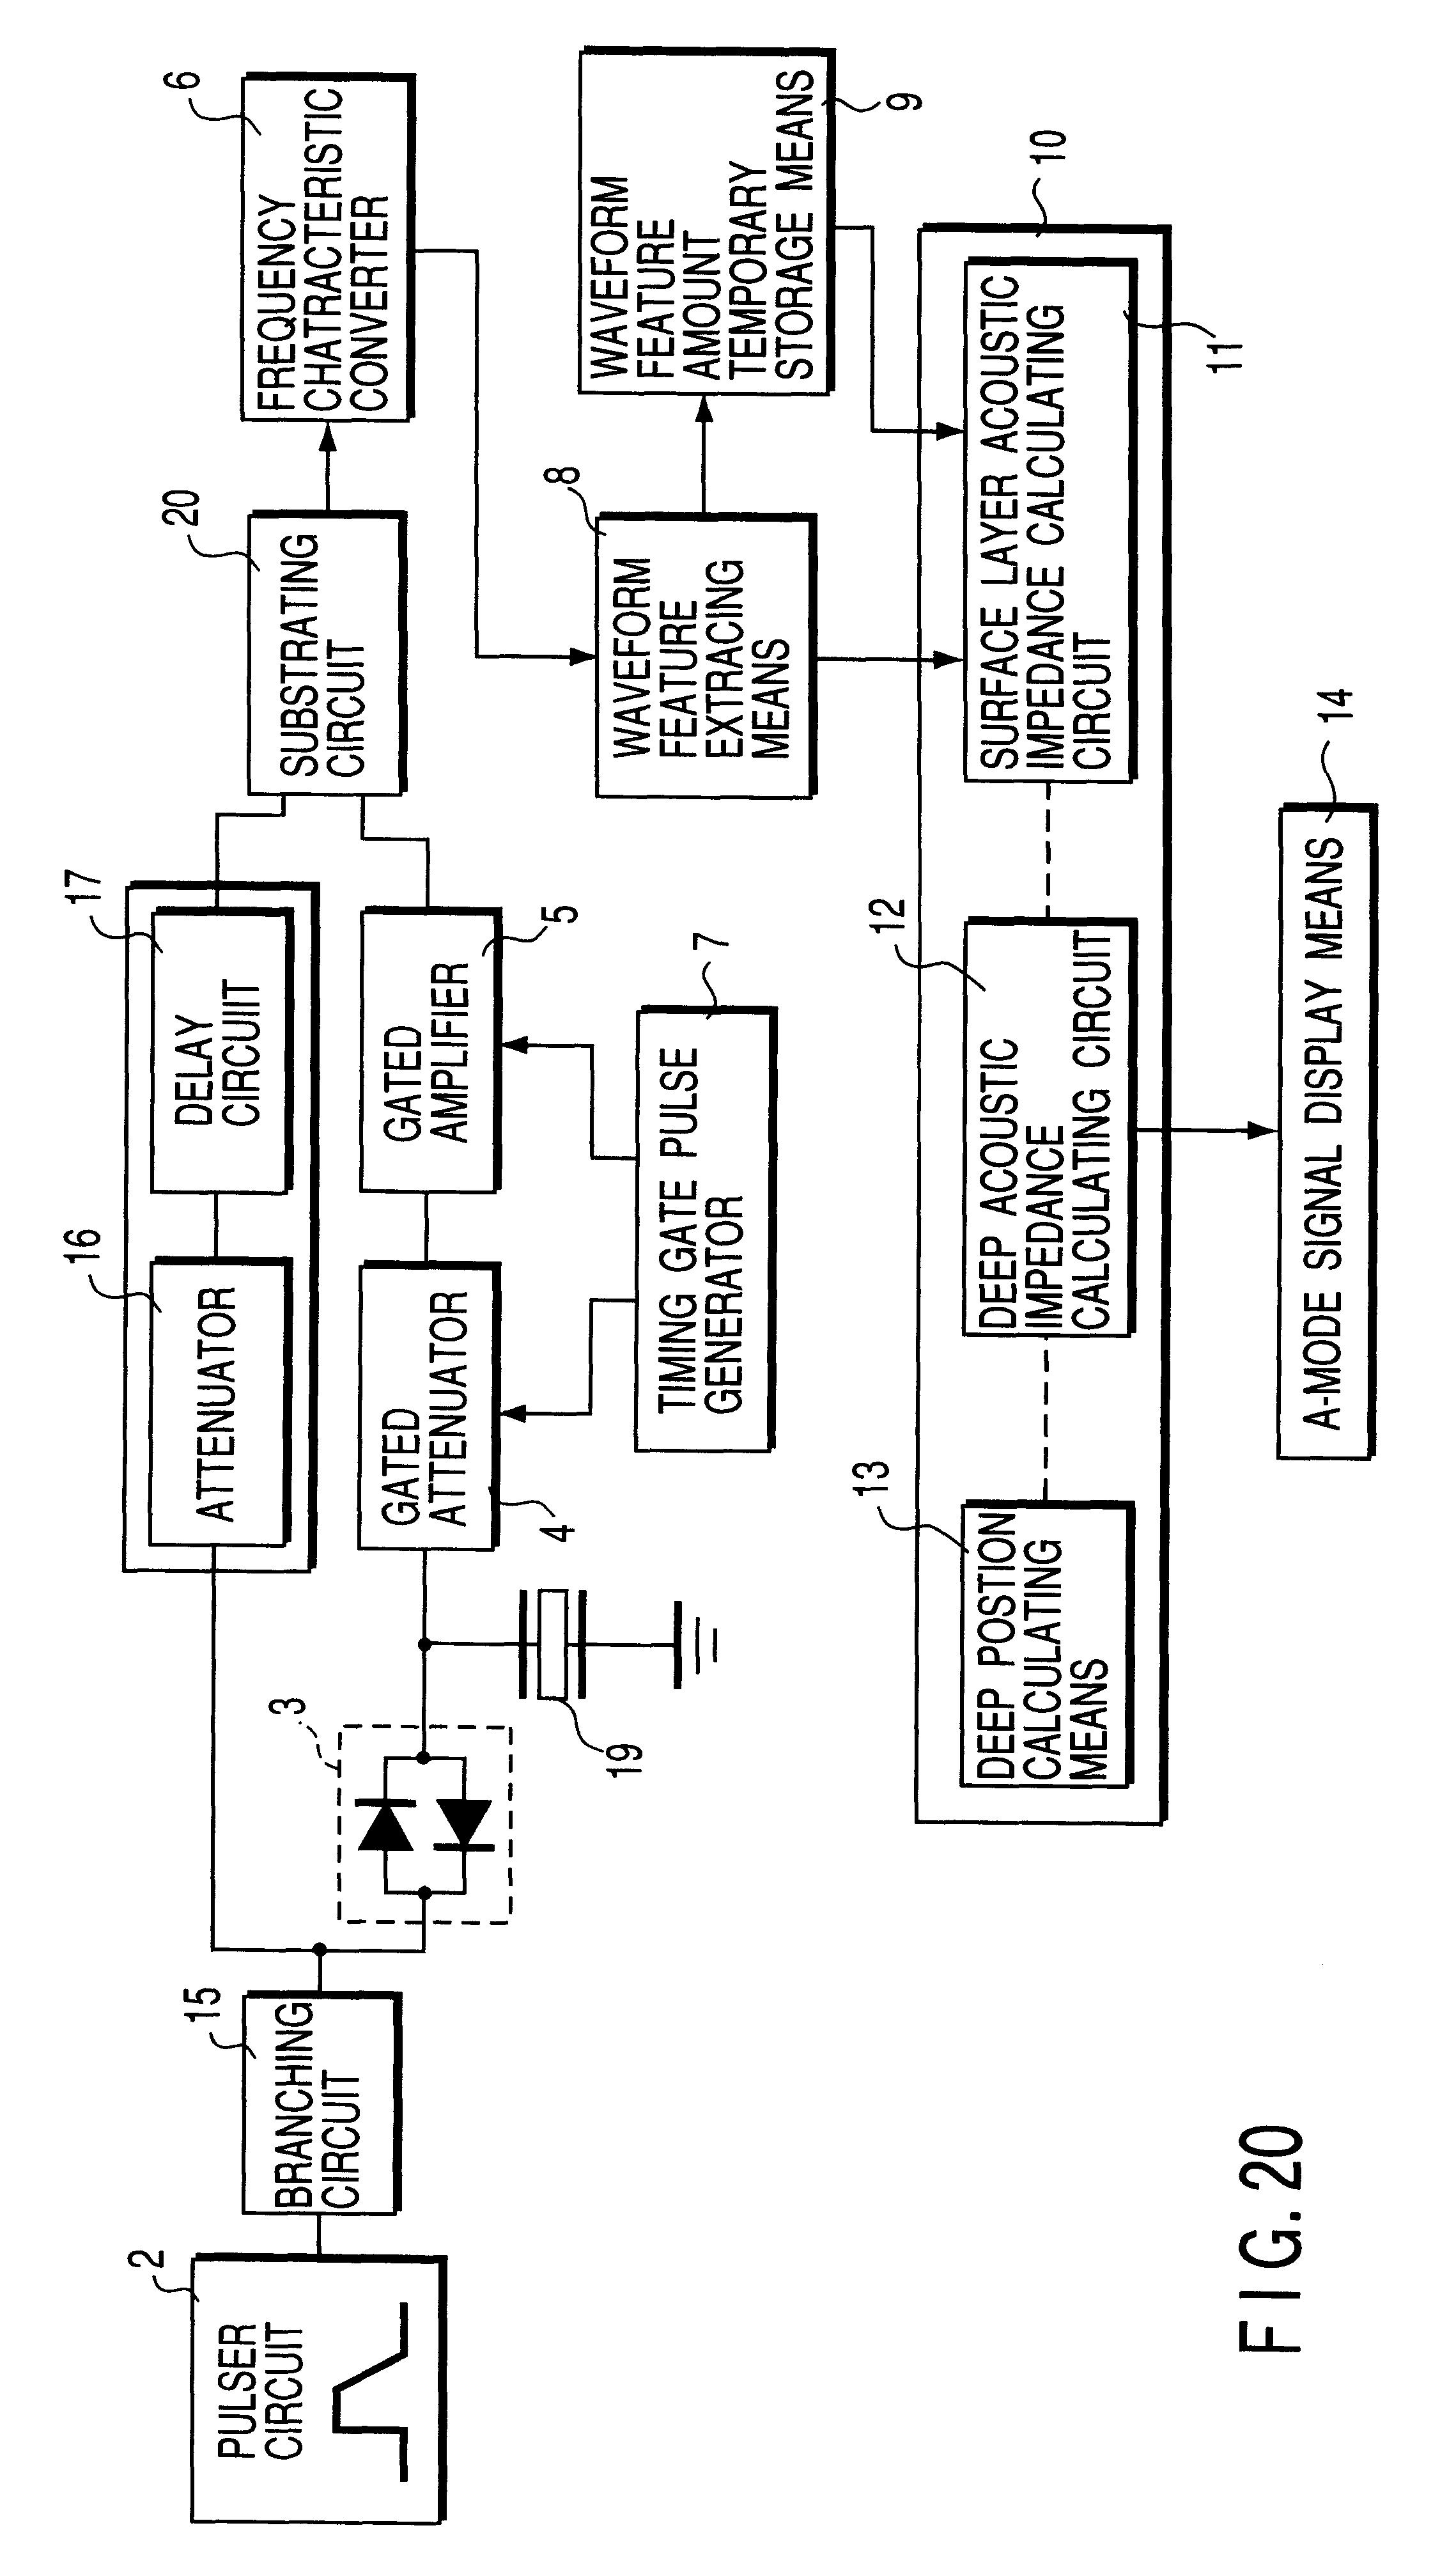 patent us6298726